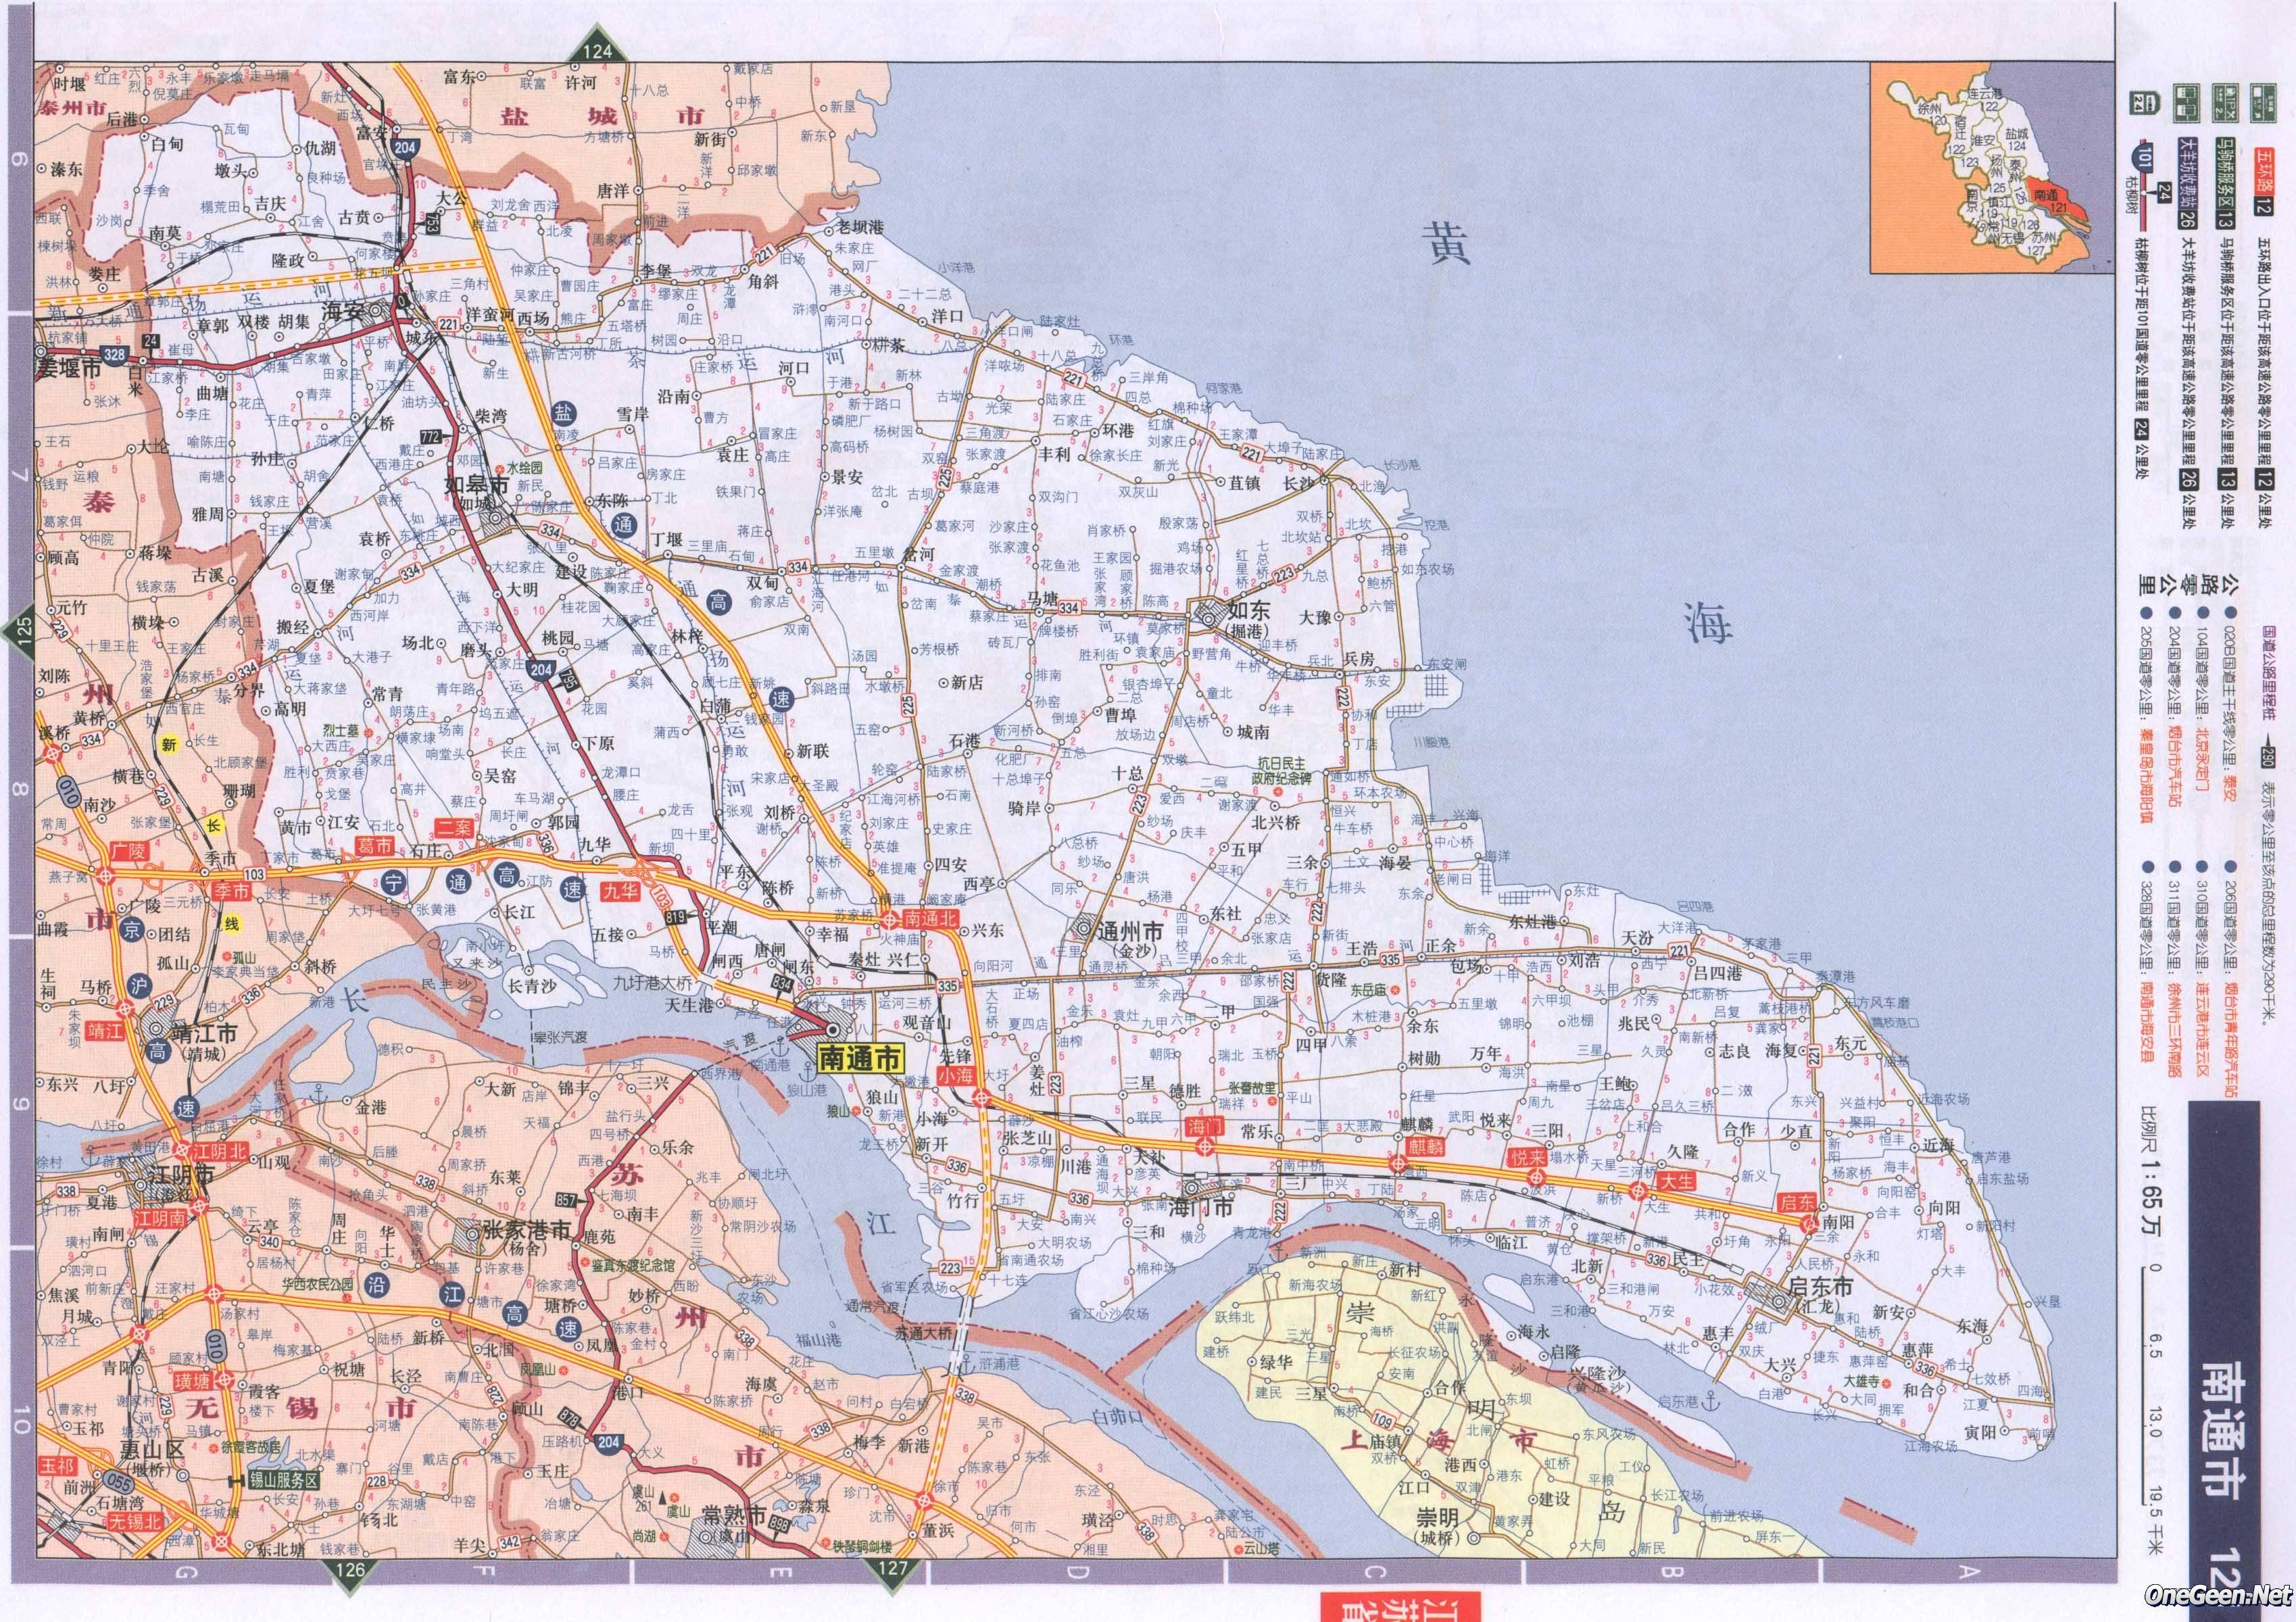 地图窝 交通地图 公路地图集 >> 江苏省南通市交通地图